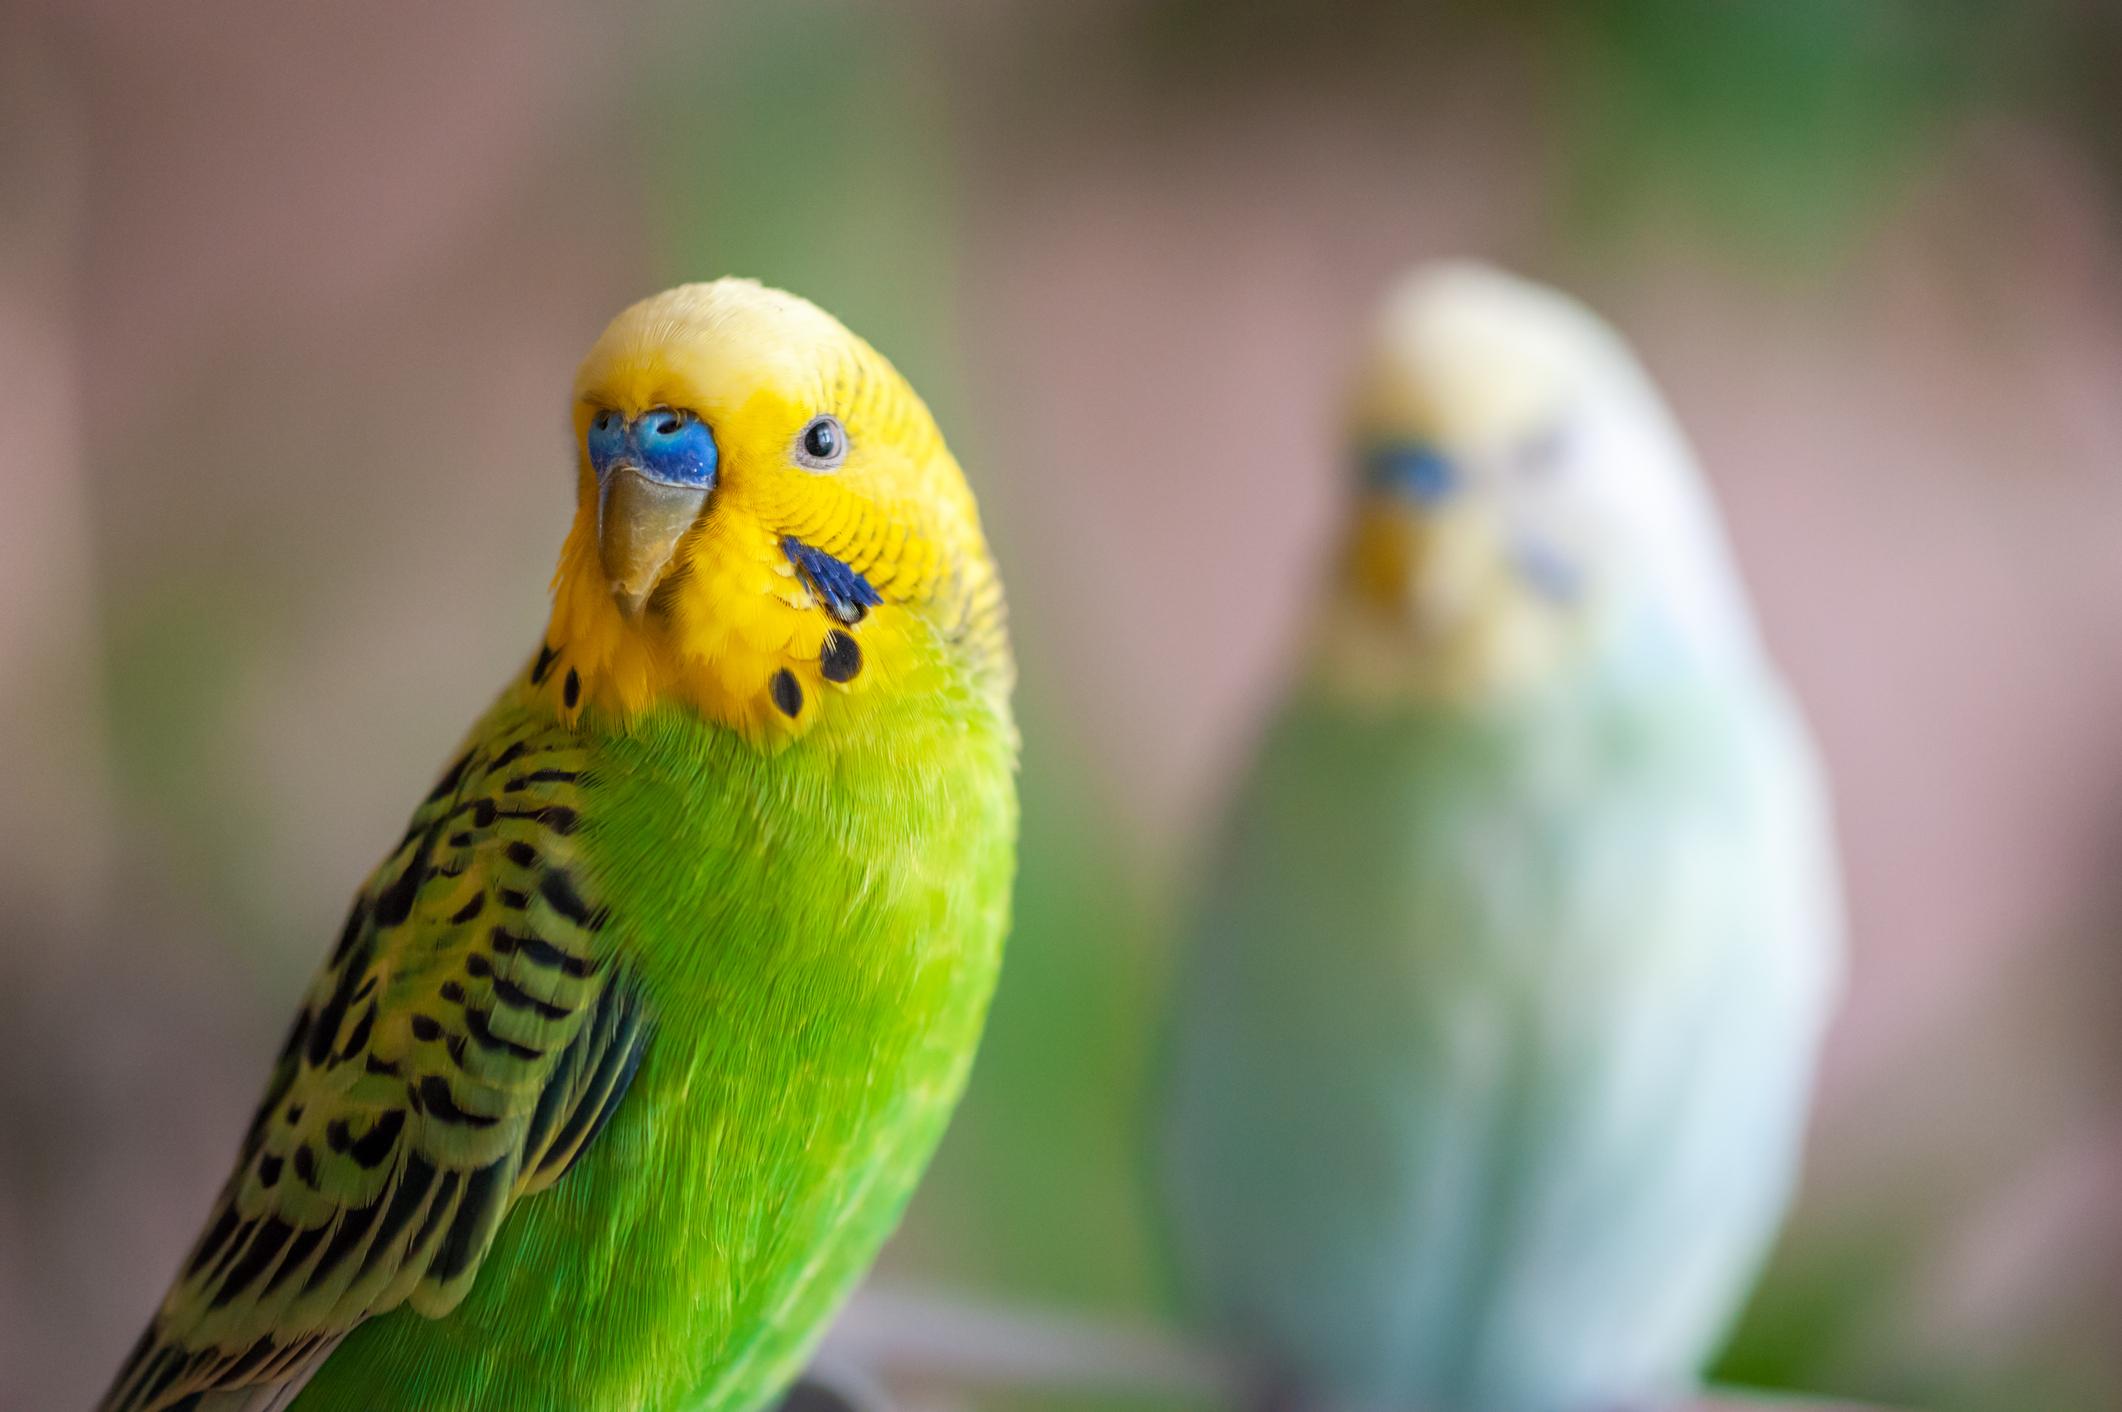 """Oamenii care au papagali se plâng că nu pot lucra de acasă din cauza gălăgiei: """"Pasărea mea urlă, cum o opresc?"""""""